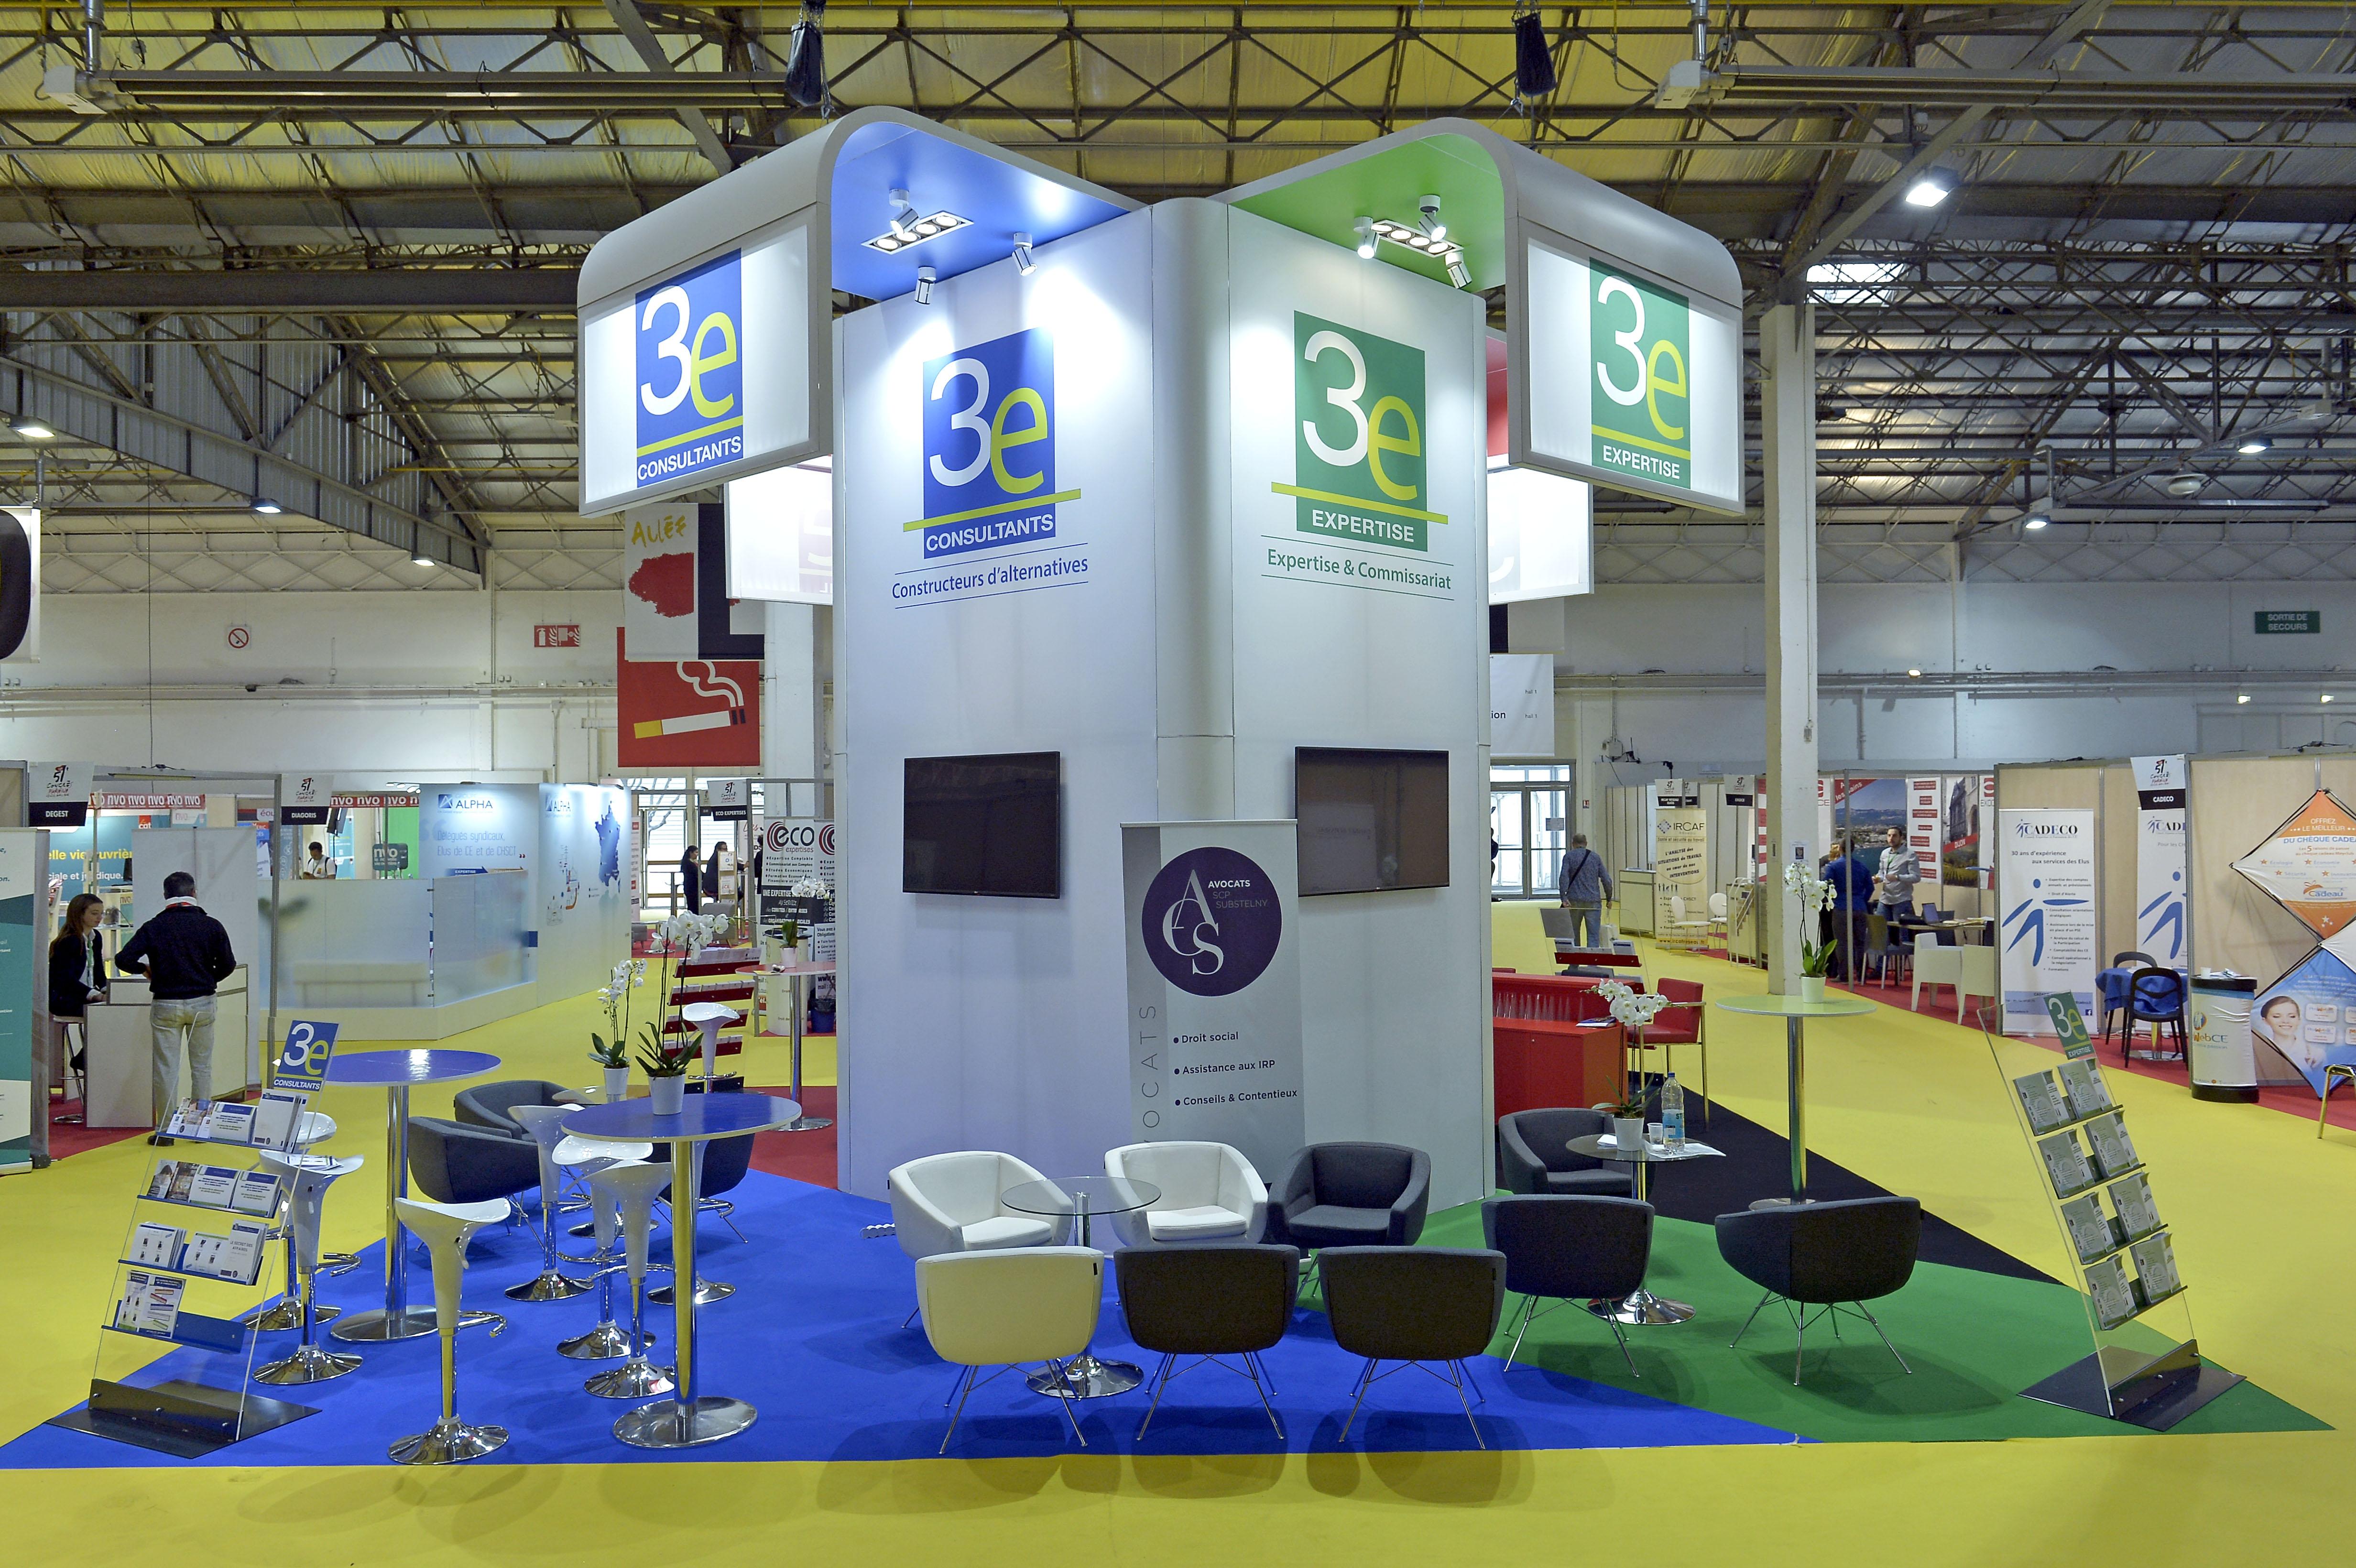 3E - Congrès Marseille pour Eurocom